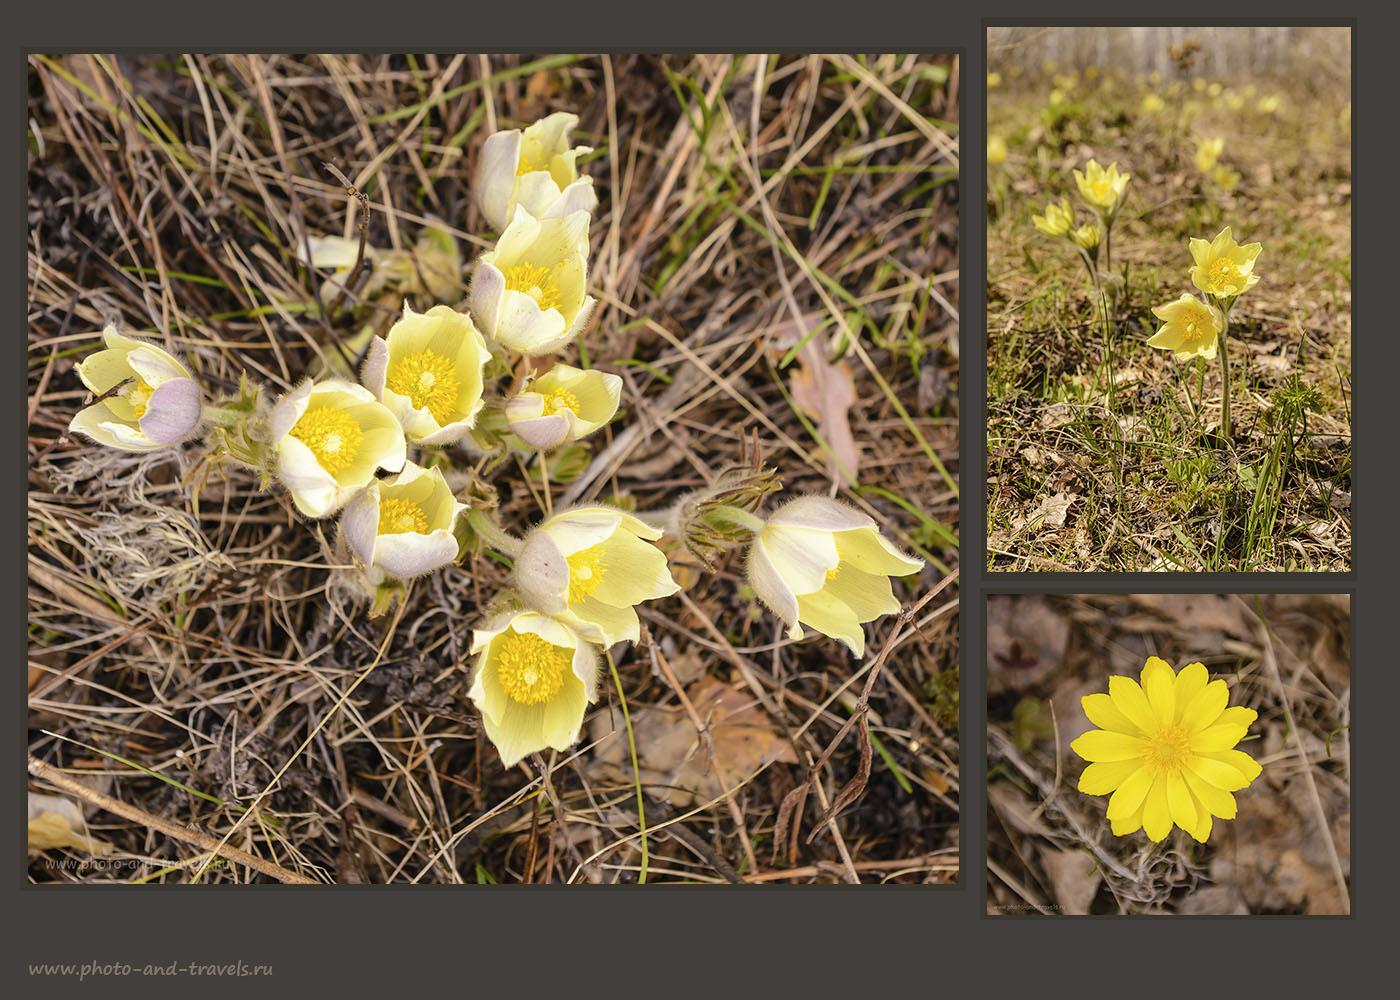 18. Весь склон Нурали весной покрыт одеялом из желтых соцветий сон-травы.